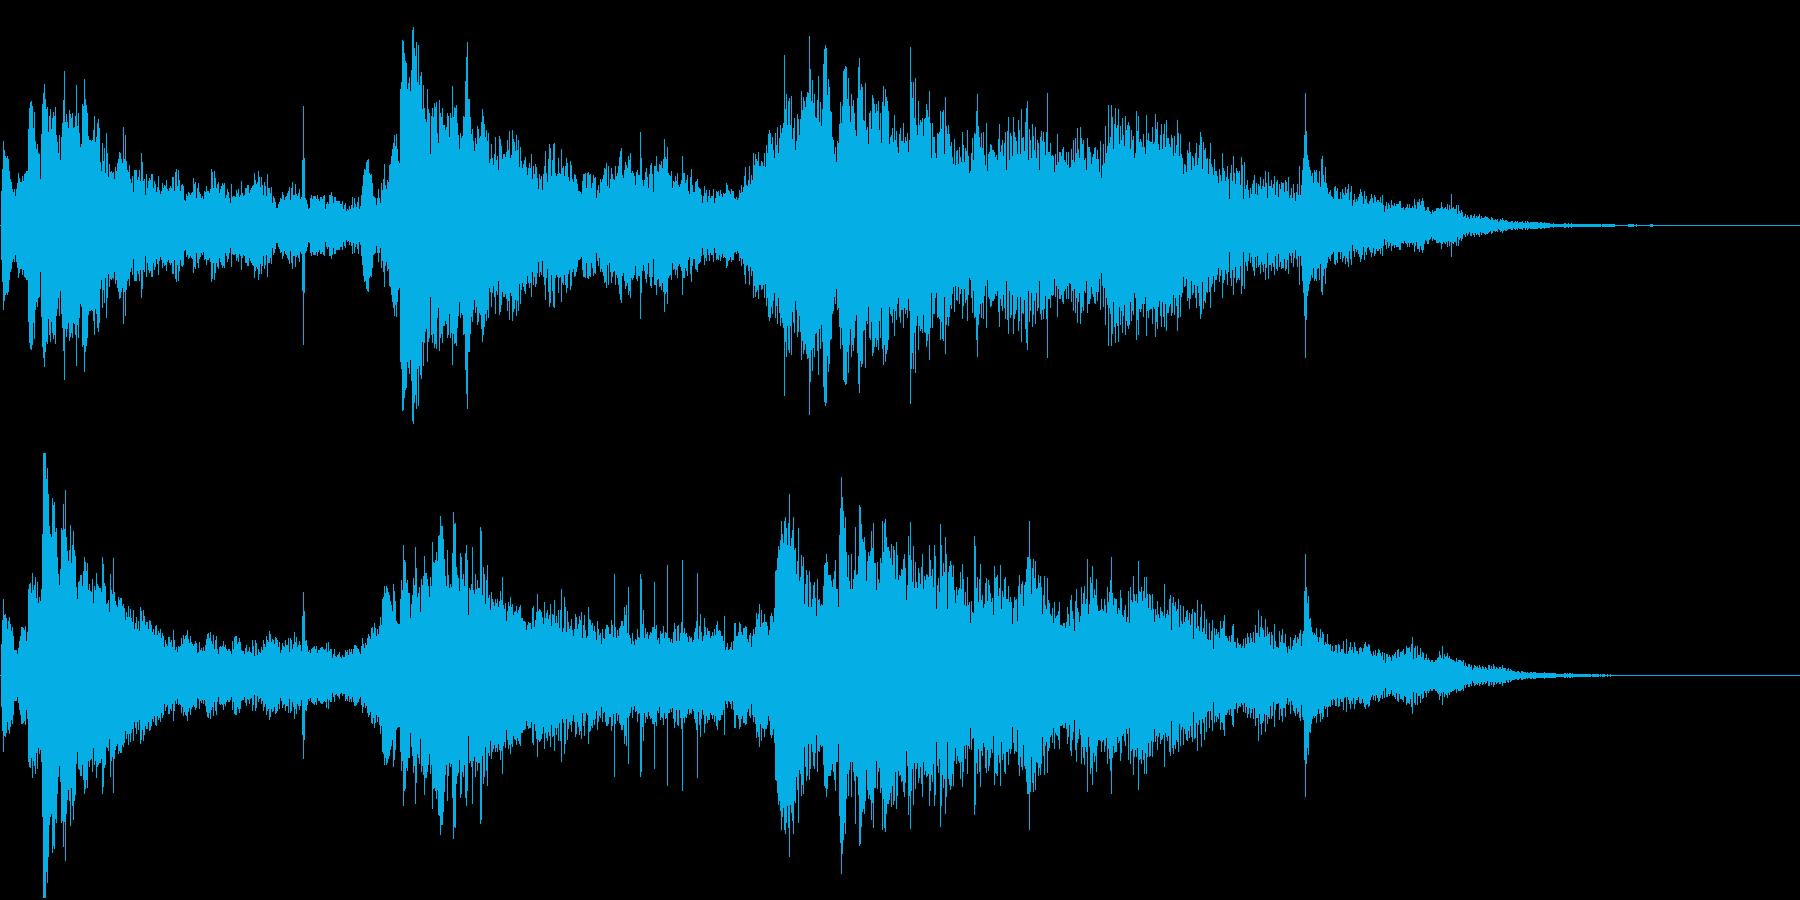 クリスタルピアノのアテンション用ジングルの再生済みの波形